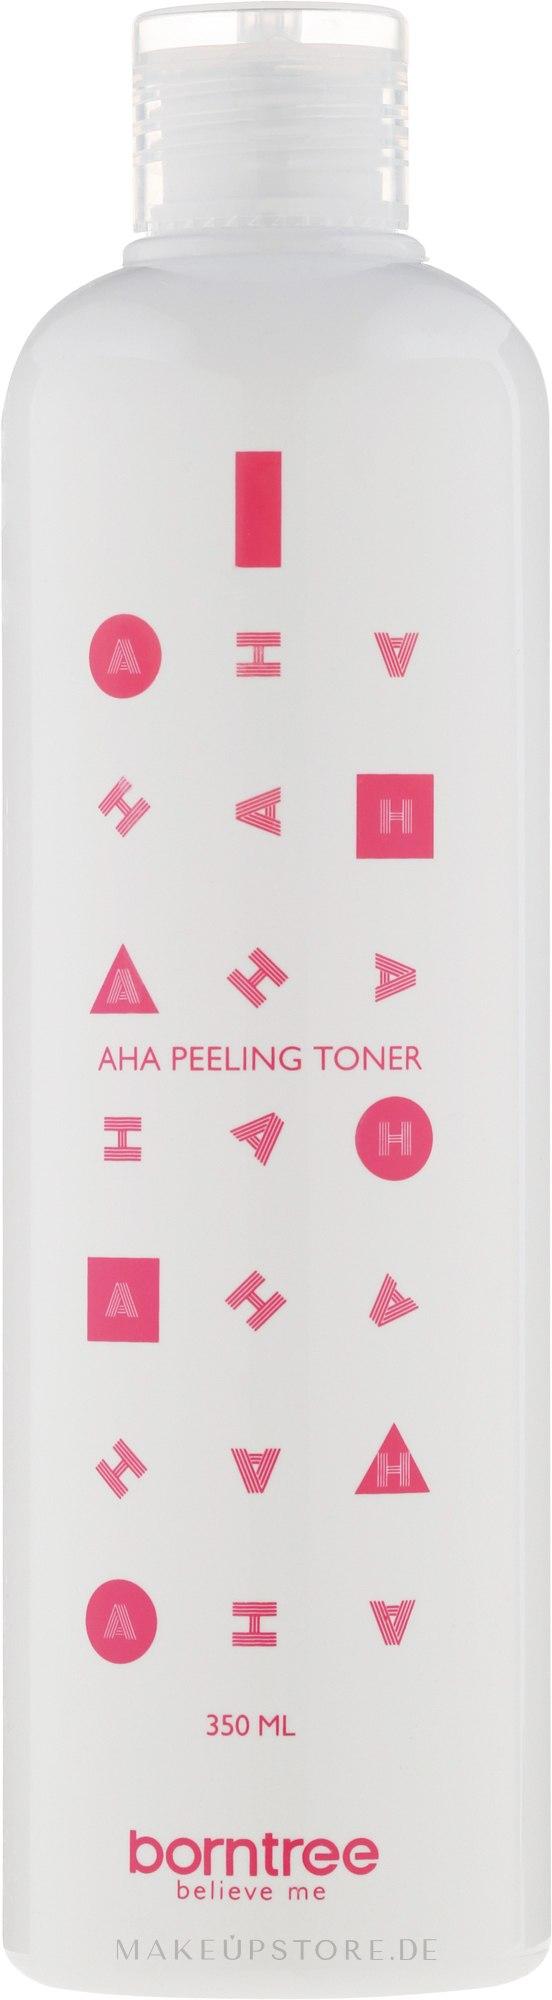 Feuchtigkeitsspendendes Gesichtstonikum mit AHA-Säuren - Borntree AHA Feeling Toner — Bild 350 ml